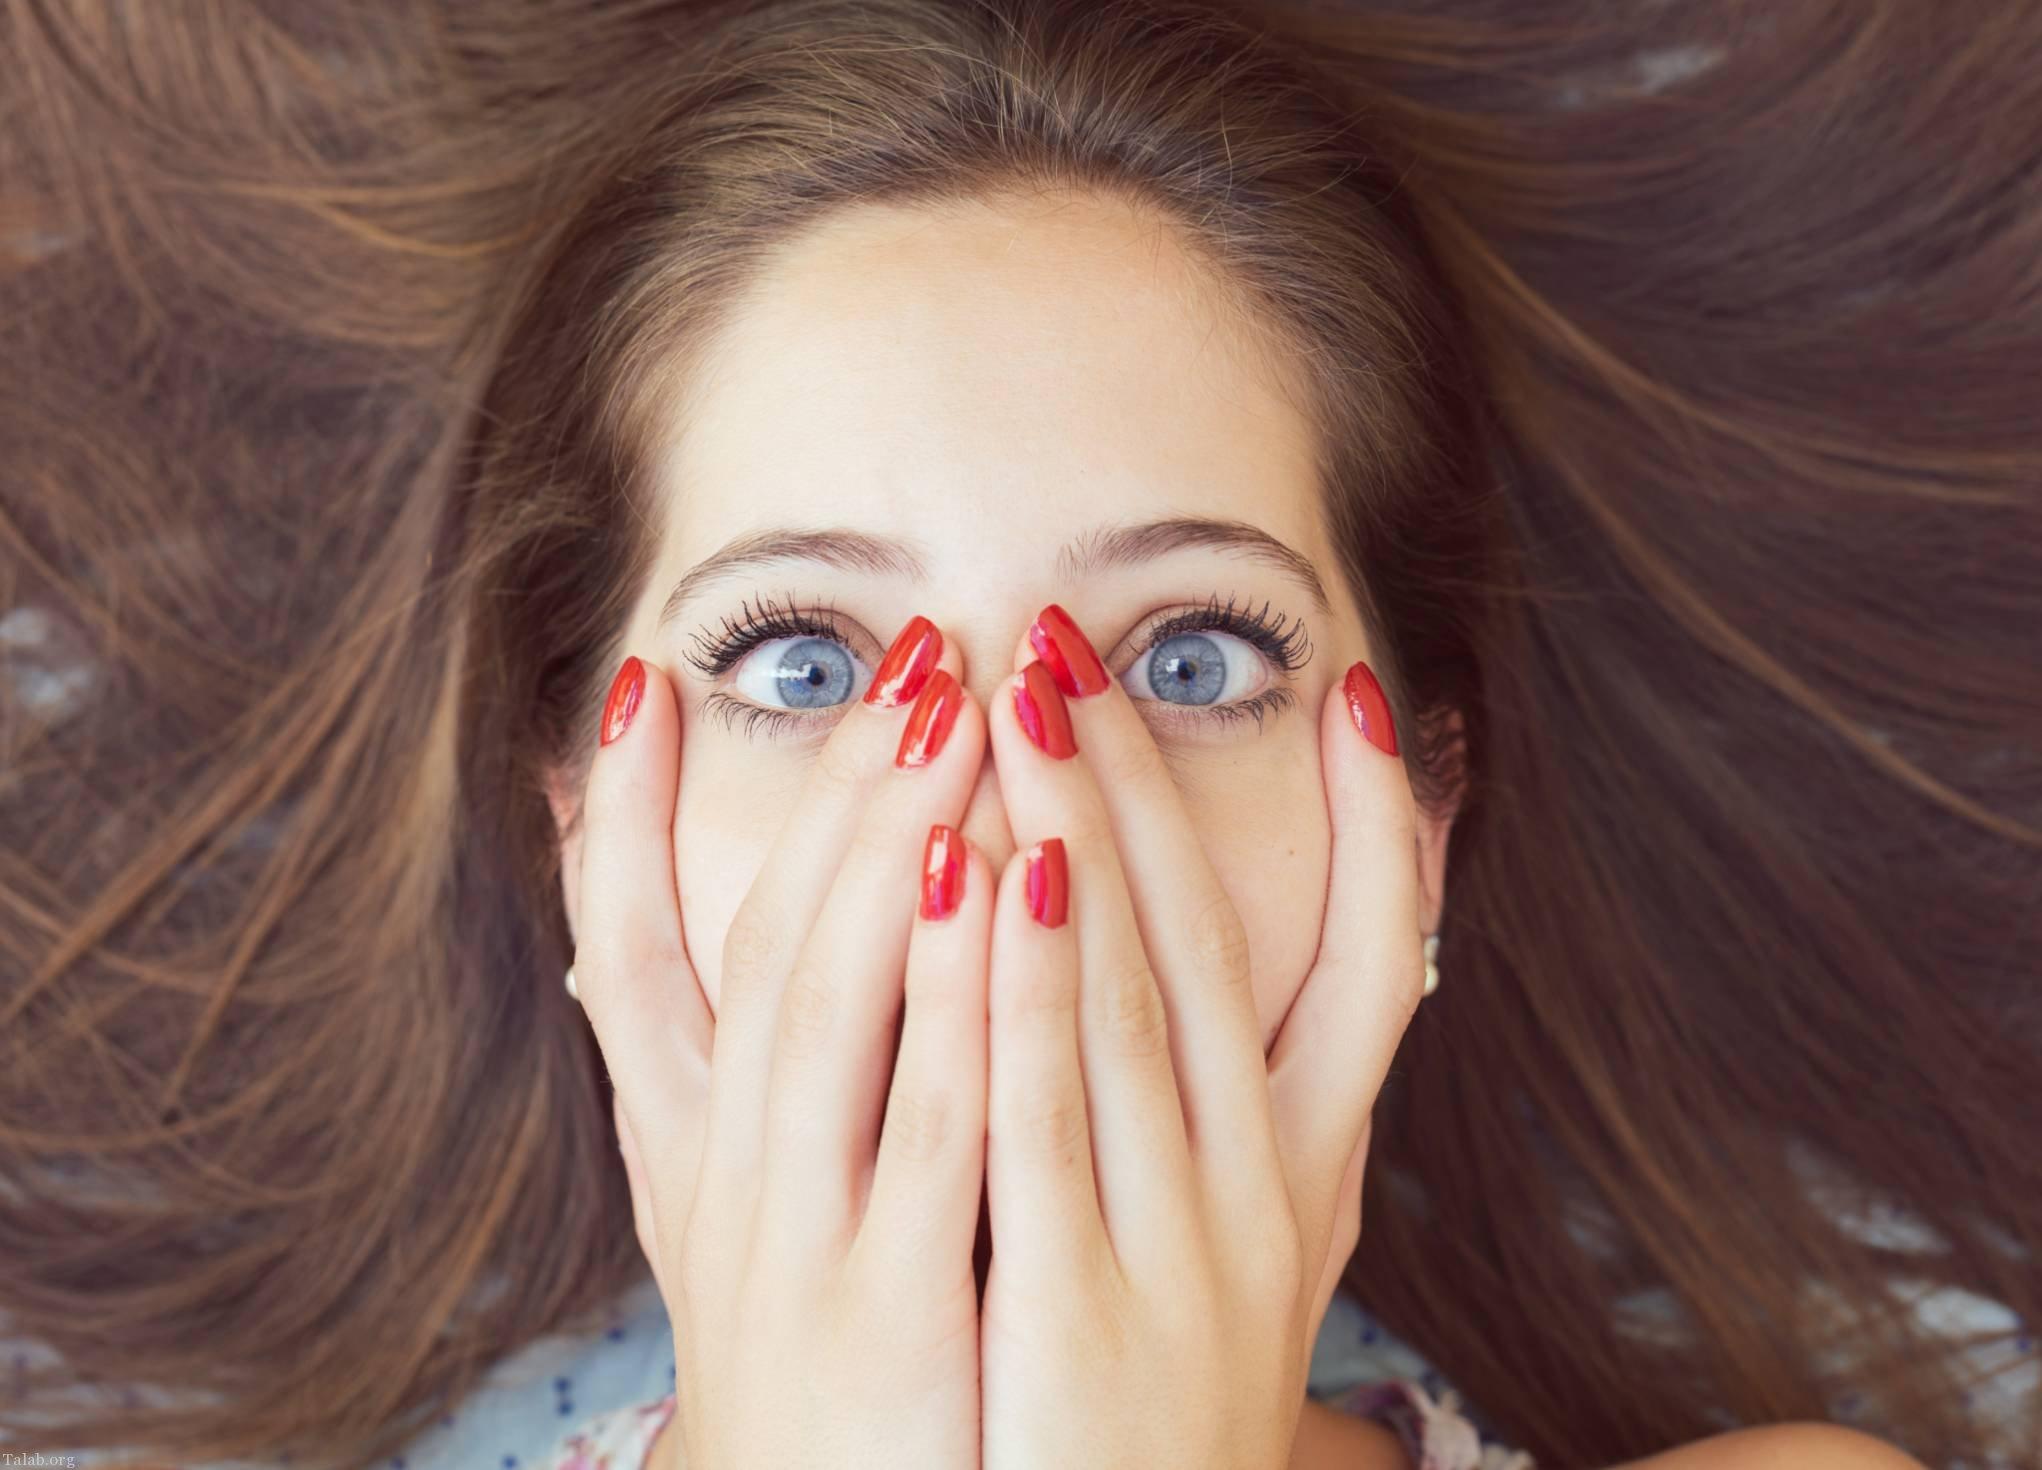 روش تشخیص پارگی یا وجود پرده بکارت در دختران باکره